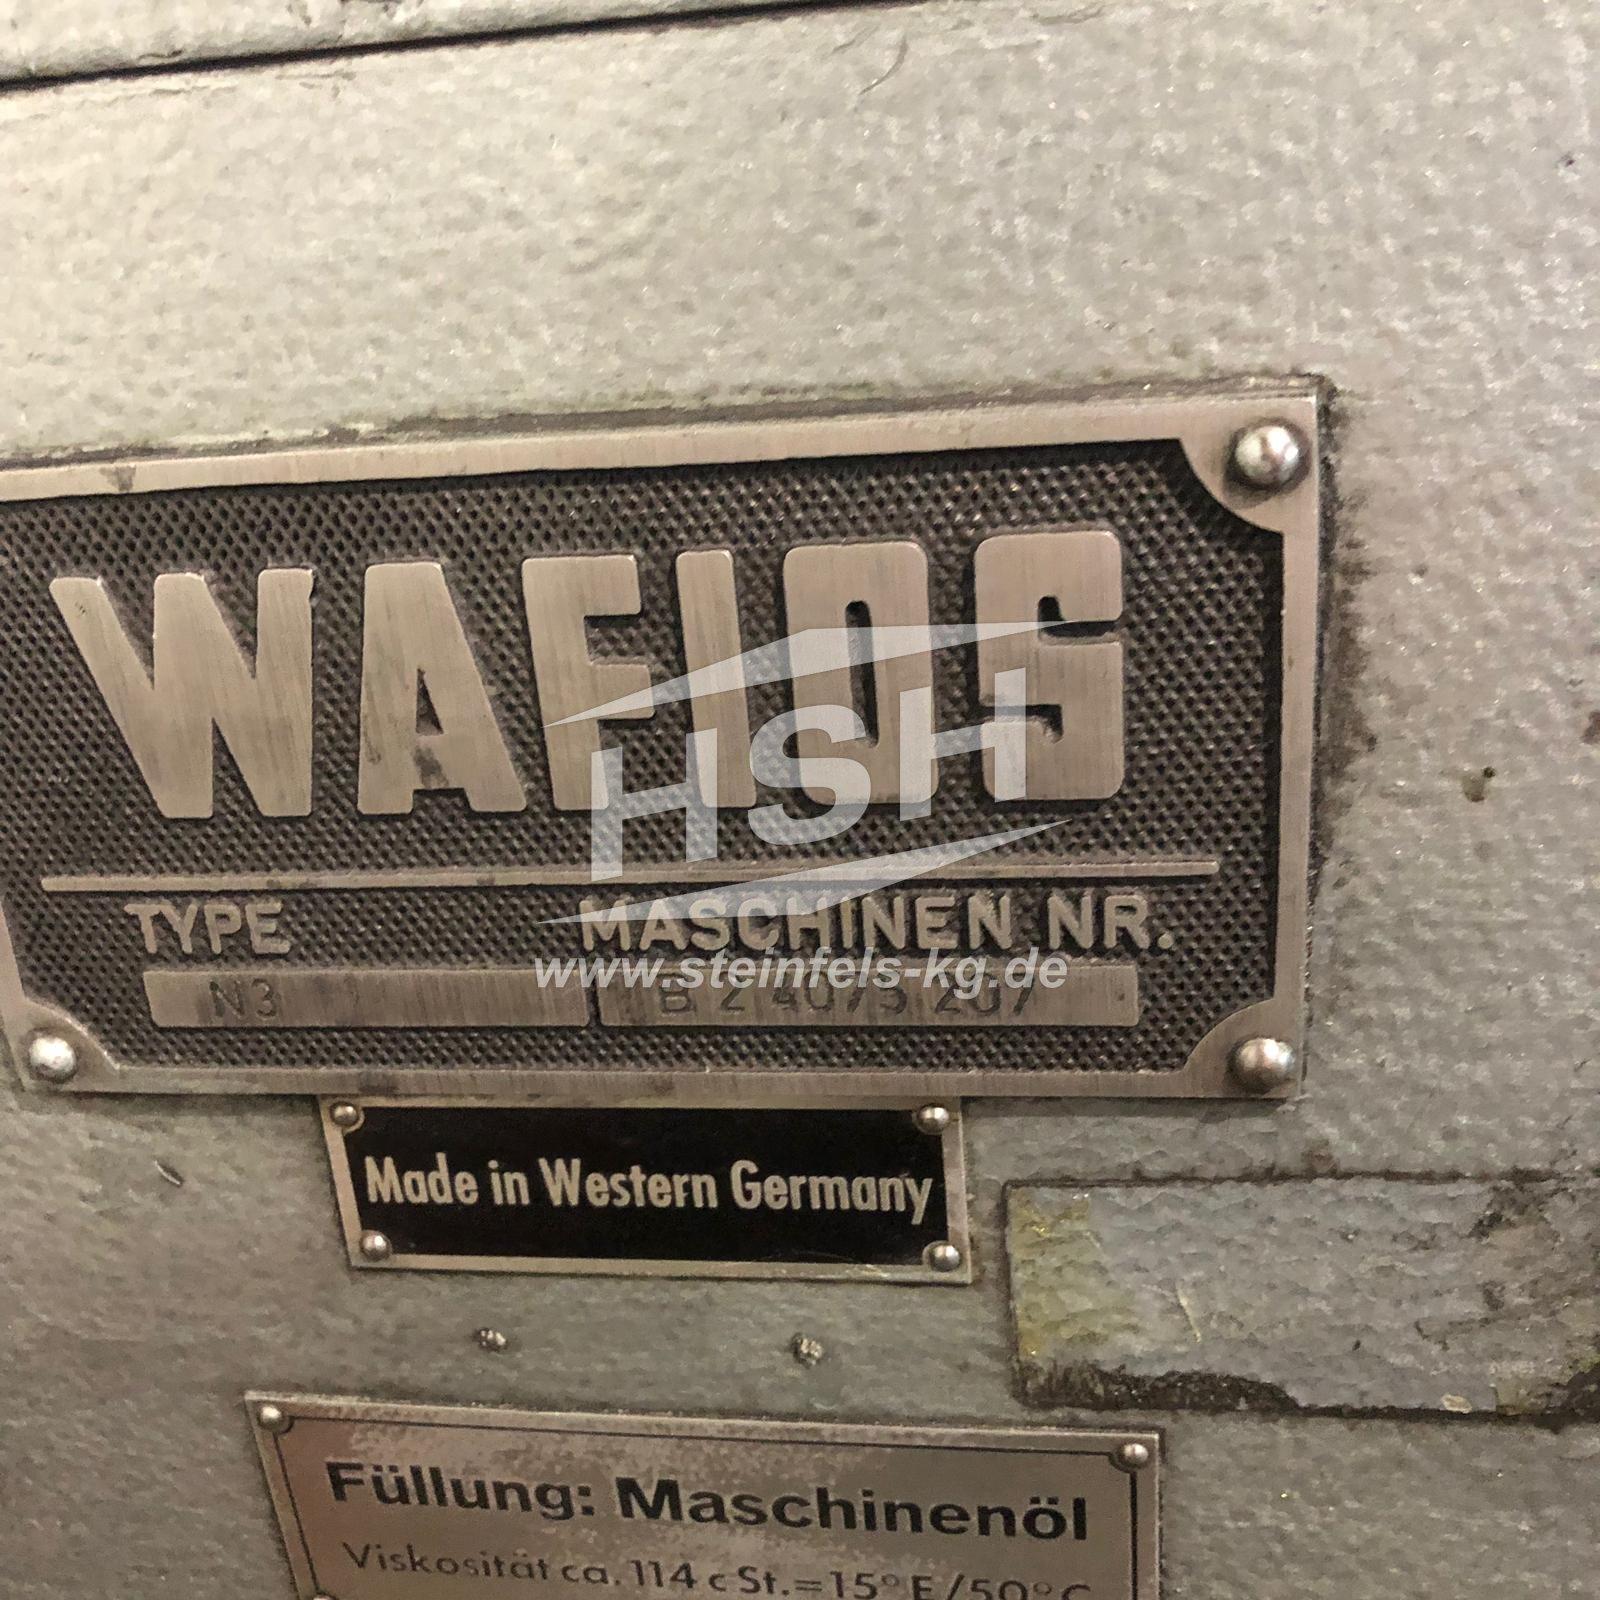 D12L/7722 – WAFIOS – N3 – 1974 – 1,0-2,4 mm